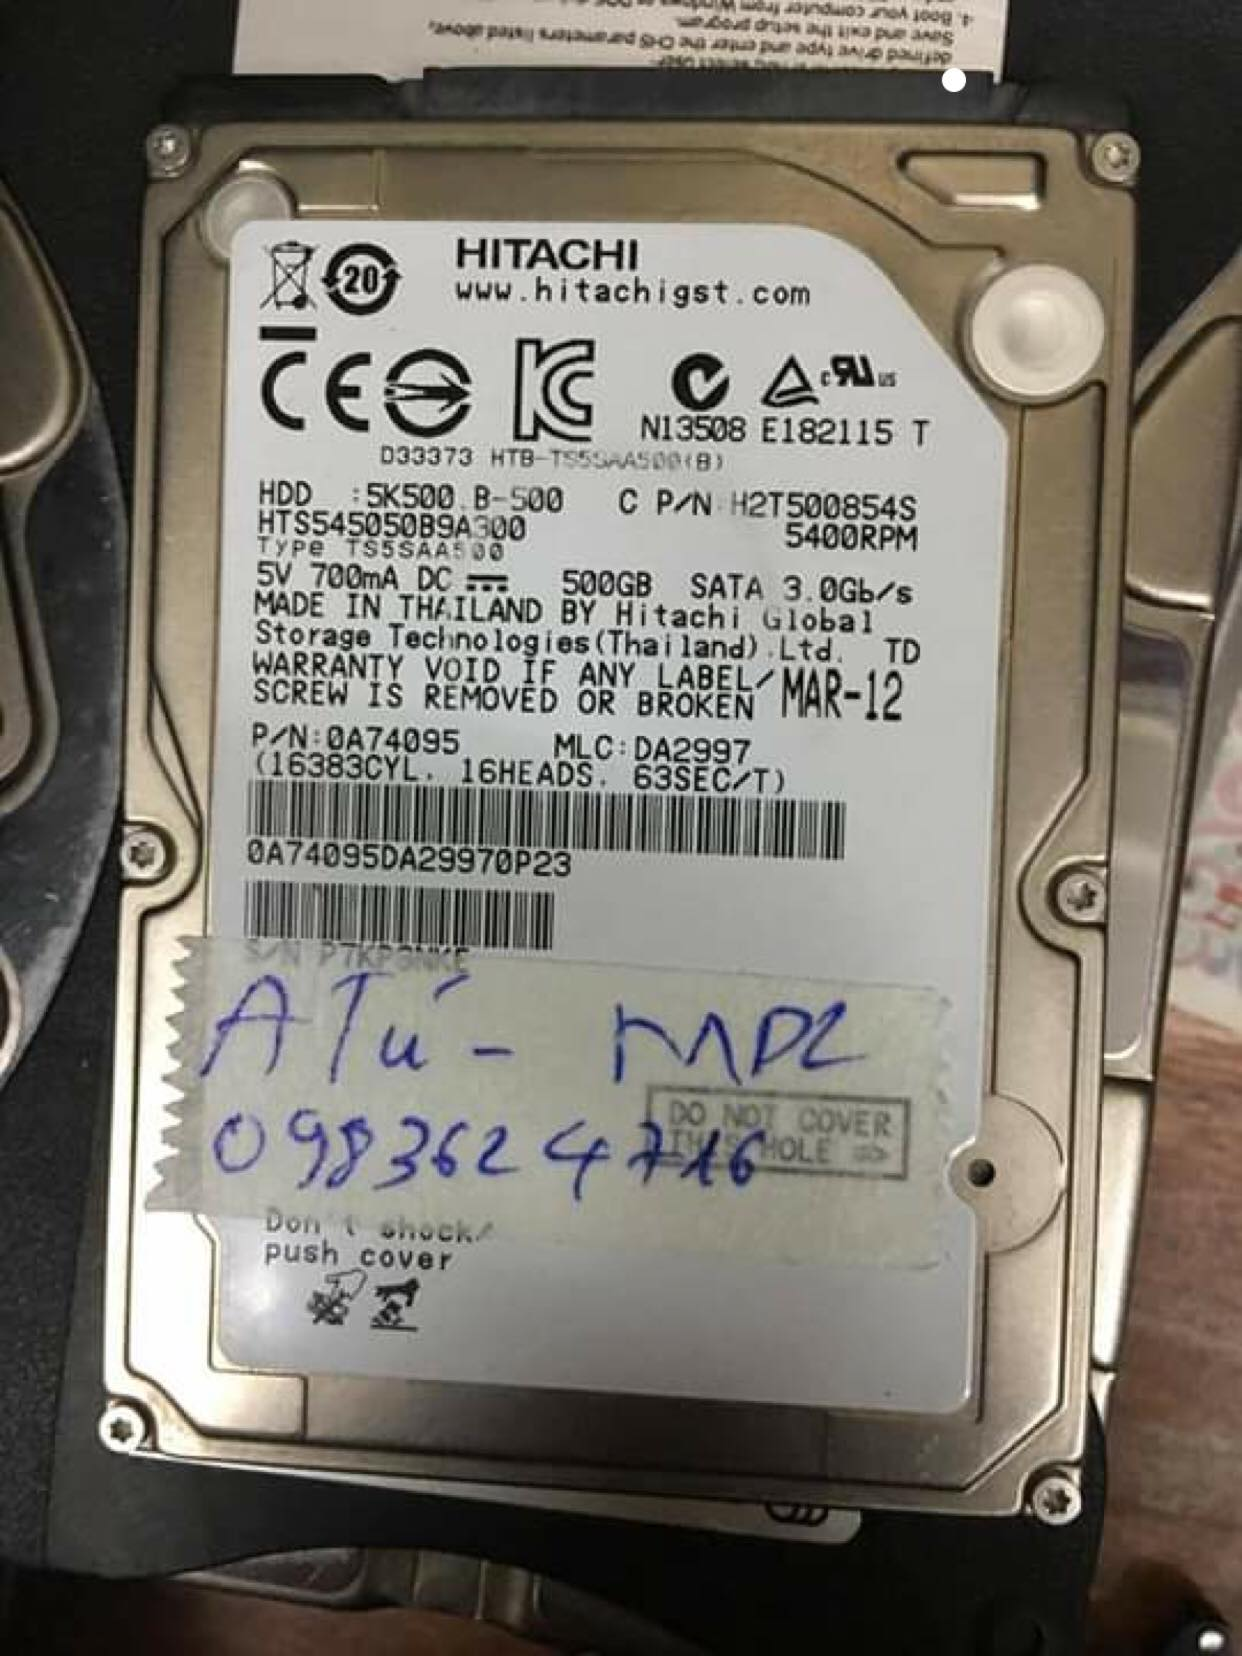 Phục hồi dữ liệu ổ cứng Hitachi 500GB xóa nhầm 28/01/2019 - cuumaytinh